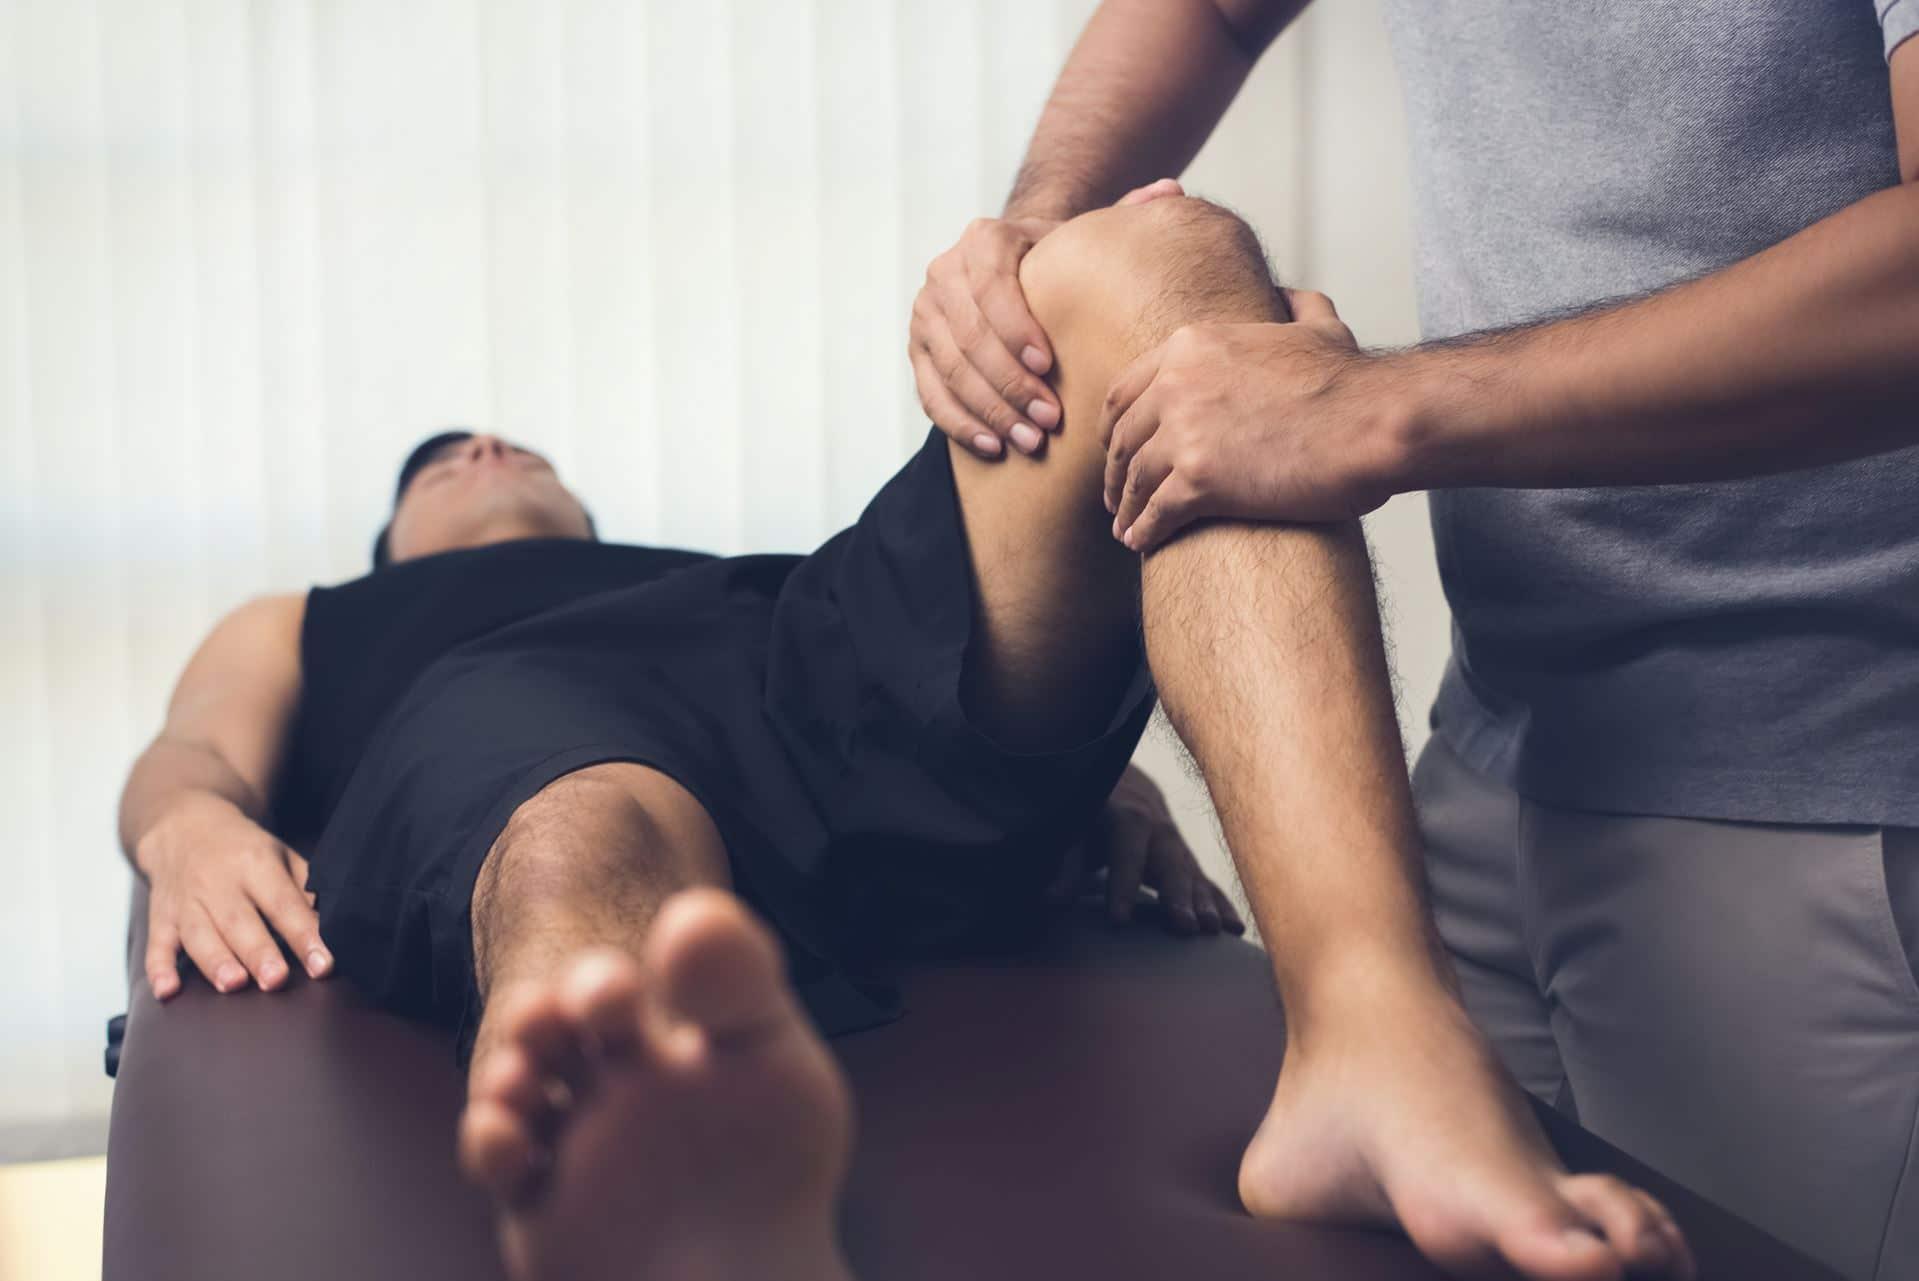 טיפול בכאבים כרוניים - Restart Therapy שיקום פרטי בבית